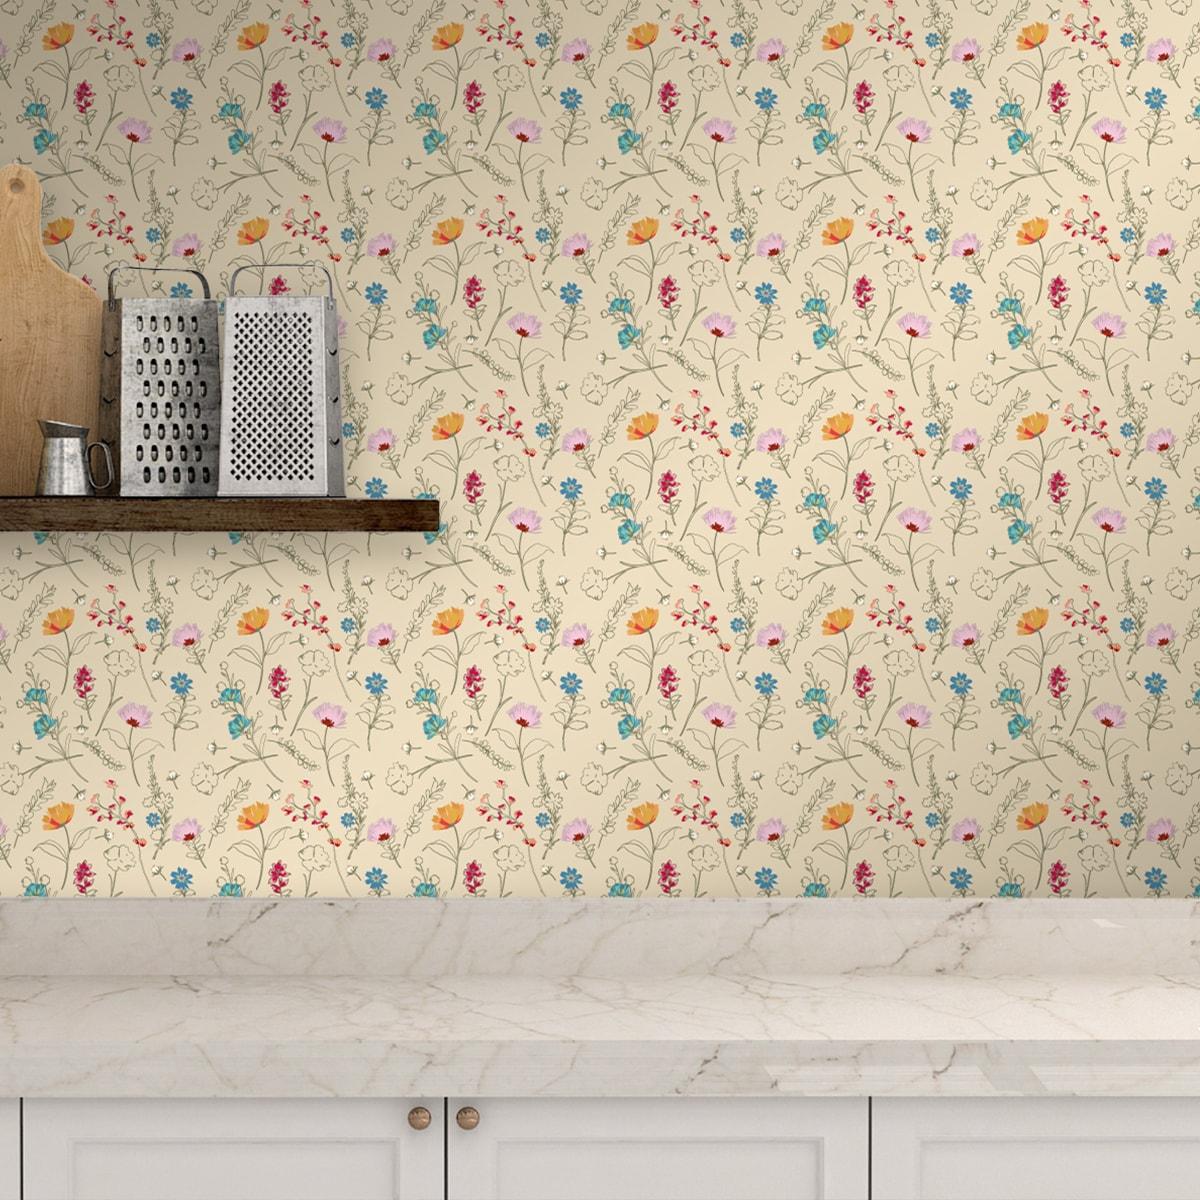 Tapete für Büroräume creme: Spring in the air Blumentapete für Frühlings Gefühle in vanille - Design Tapete für Flur, Büro